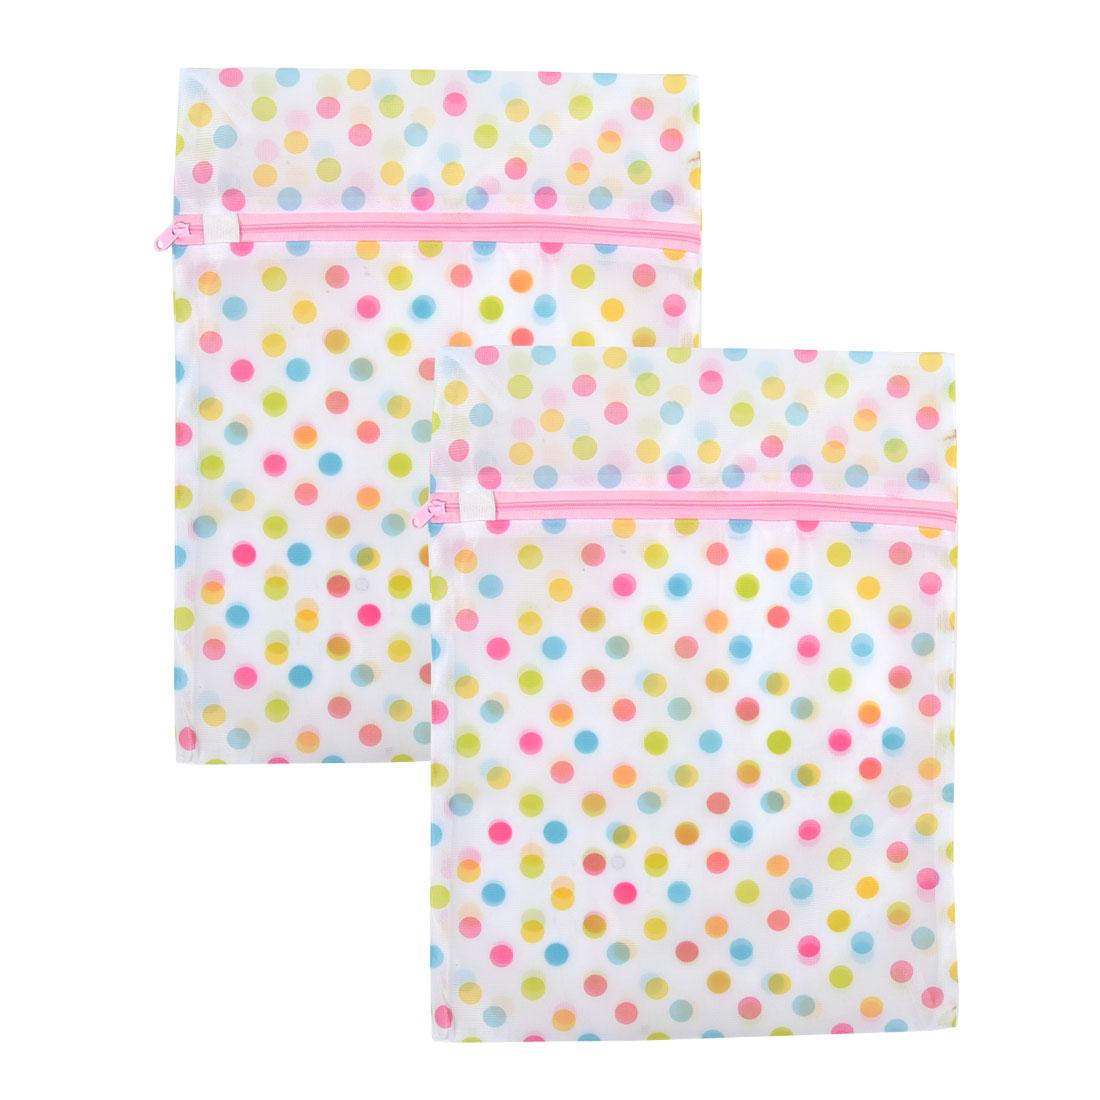 Nylon Square Shape Dots Pattern Blouse Underwear Laundry Mesh Washing Bag 2 Pcs